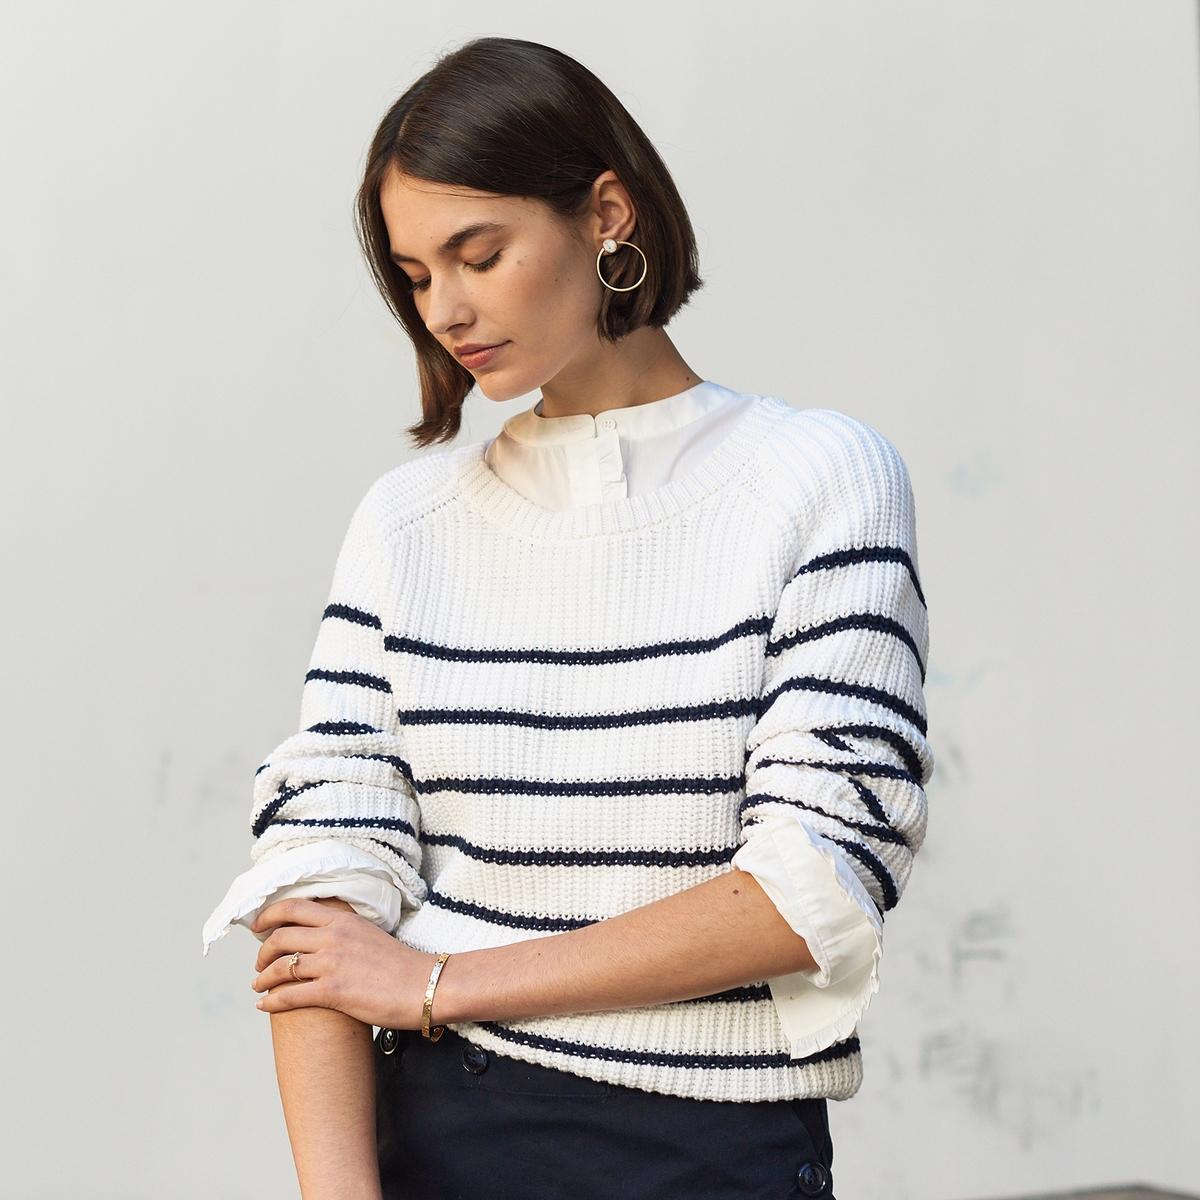 Camisola estilo marinheiro em malha grossa, algodão